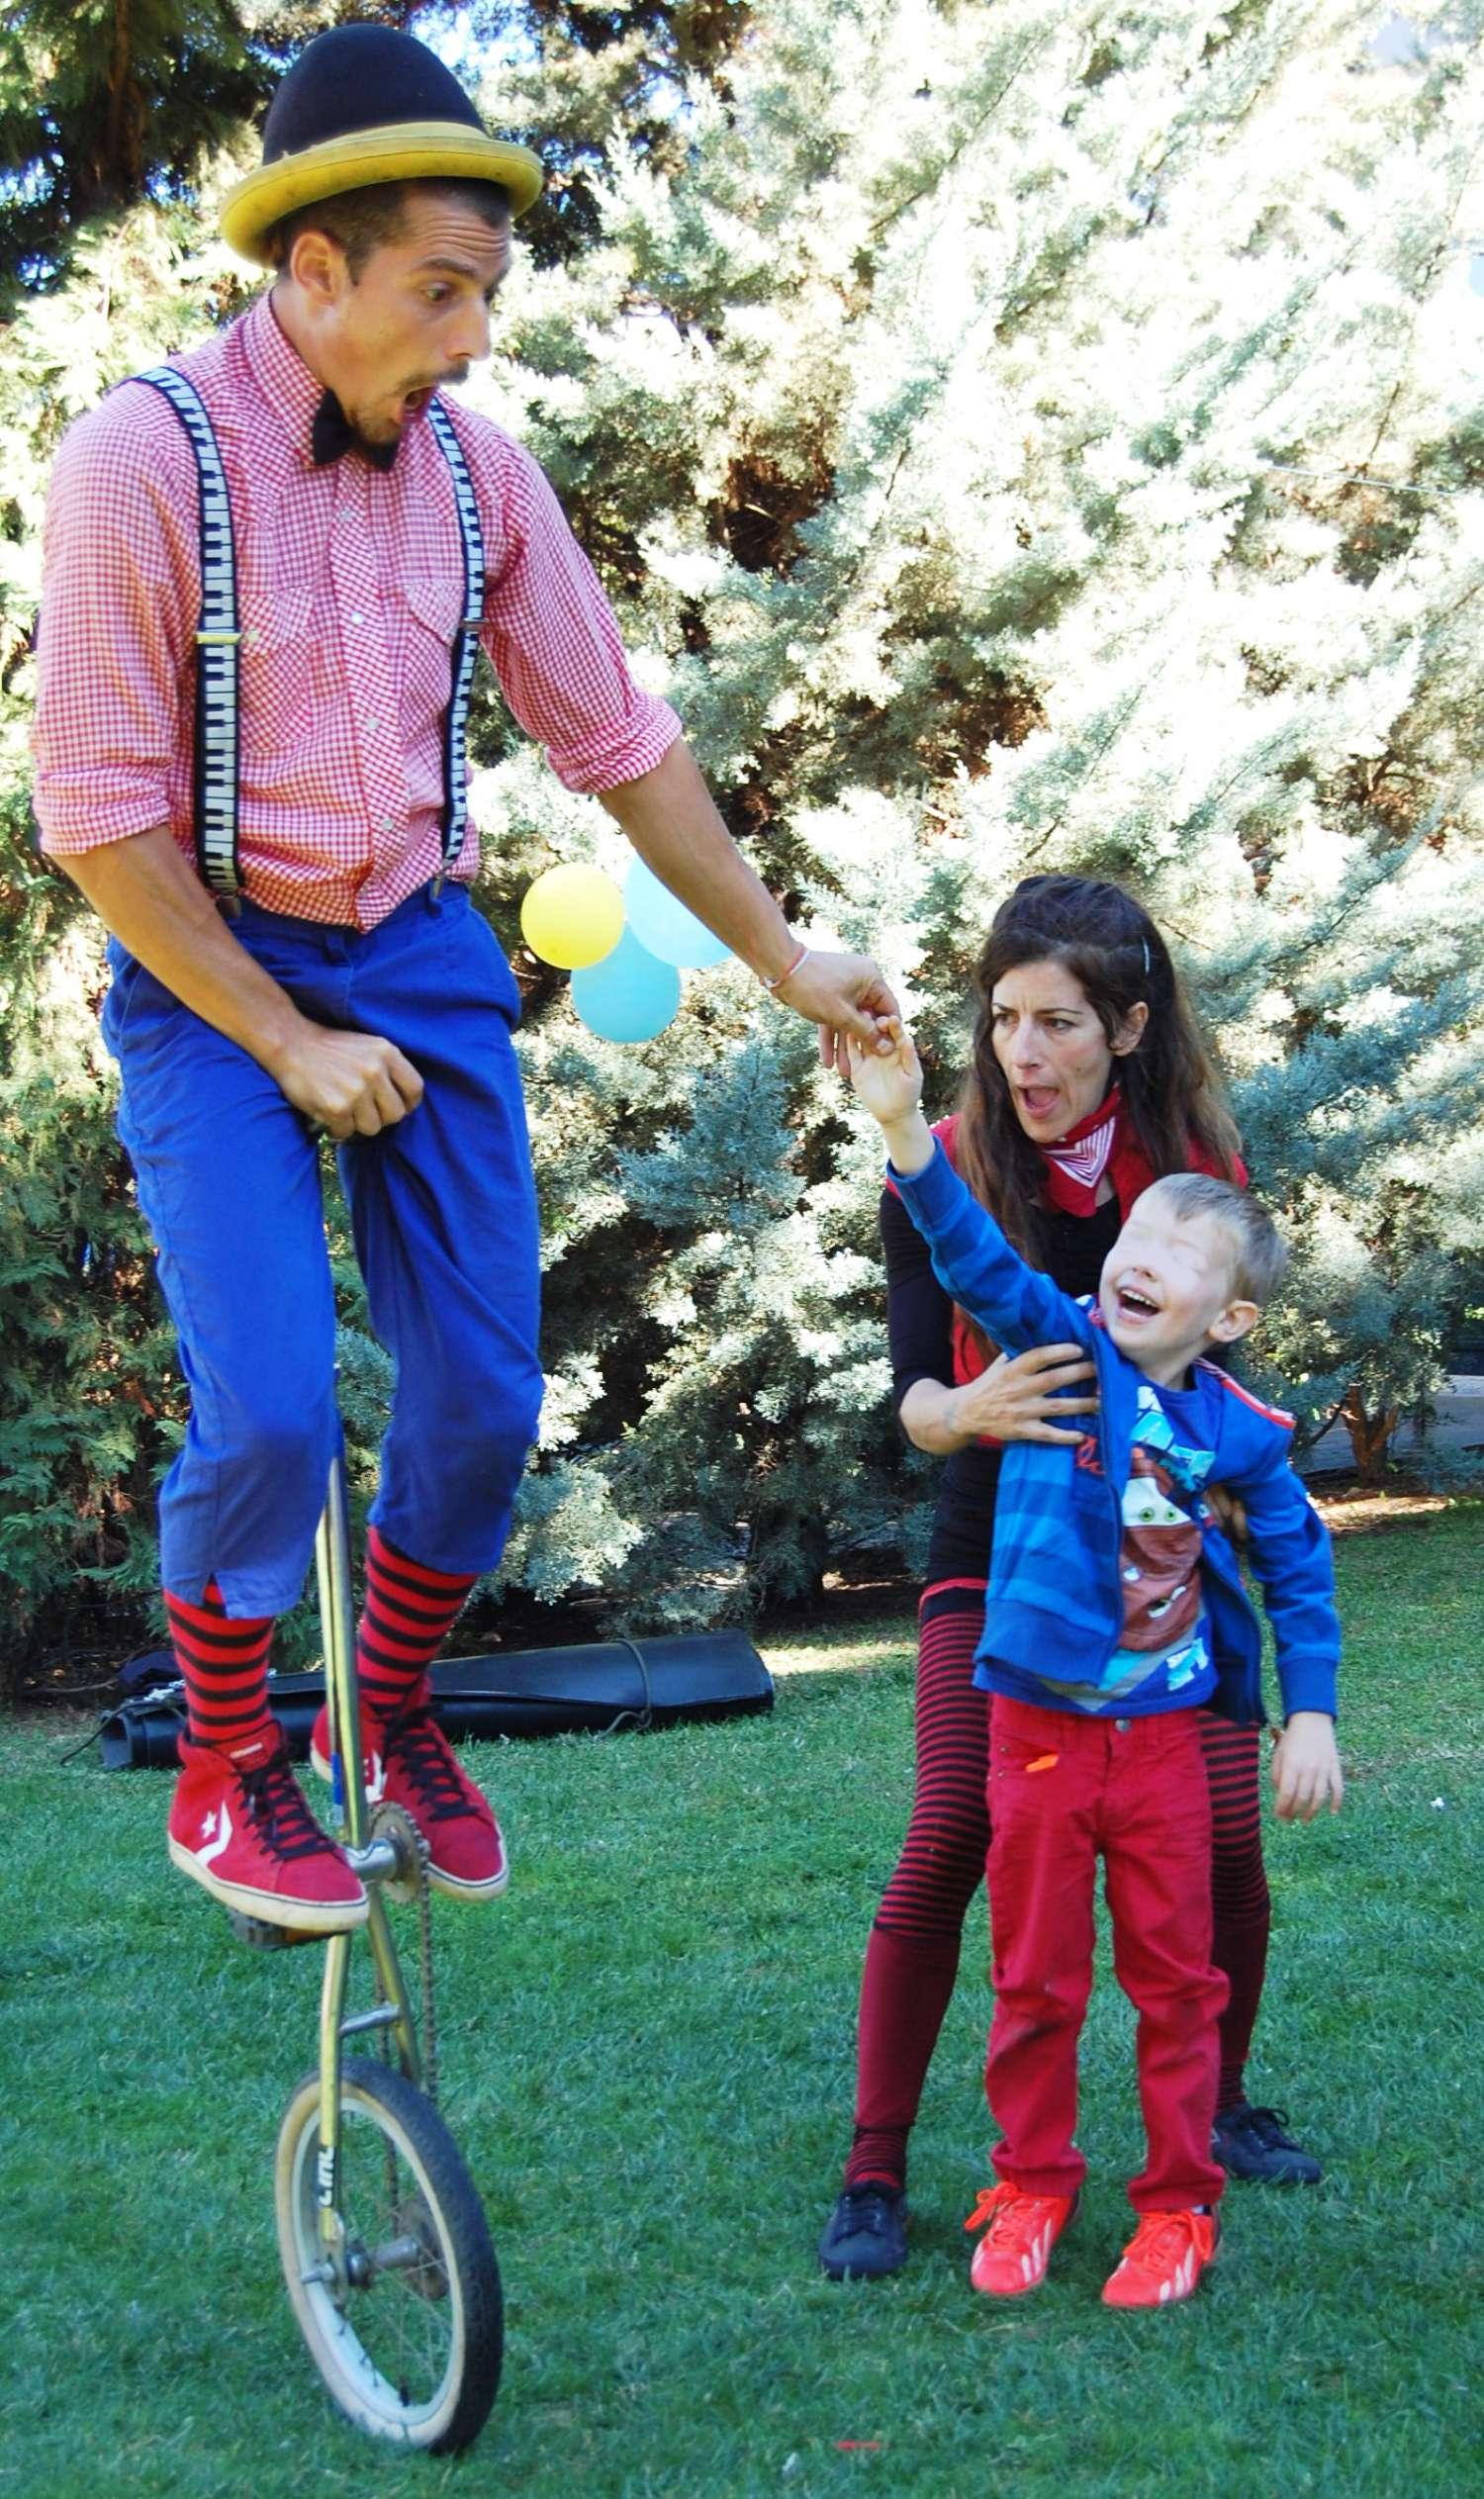 Ανιματέρ χρησιμοποιεί τη βοήθεια παιδιού από το κοινό παιδικού πάρτυ για να ισορροπήσει πάνω σε ψηλό μονοποδήλατο